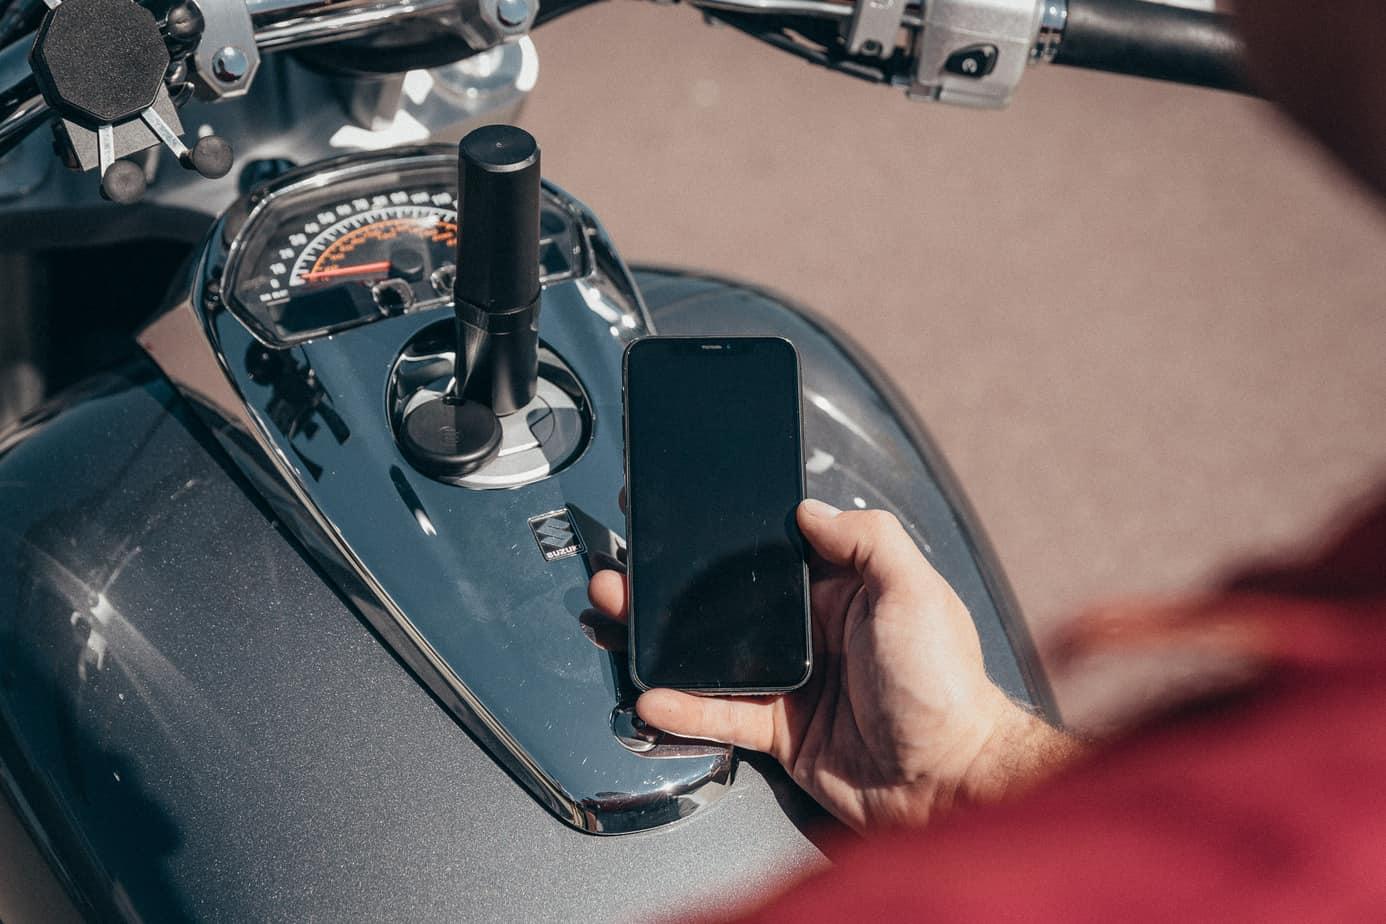 gps moto moni moto posé sur moto